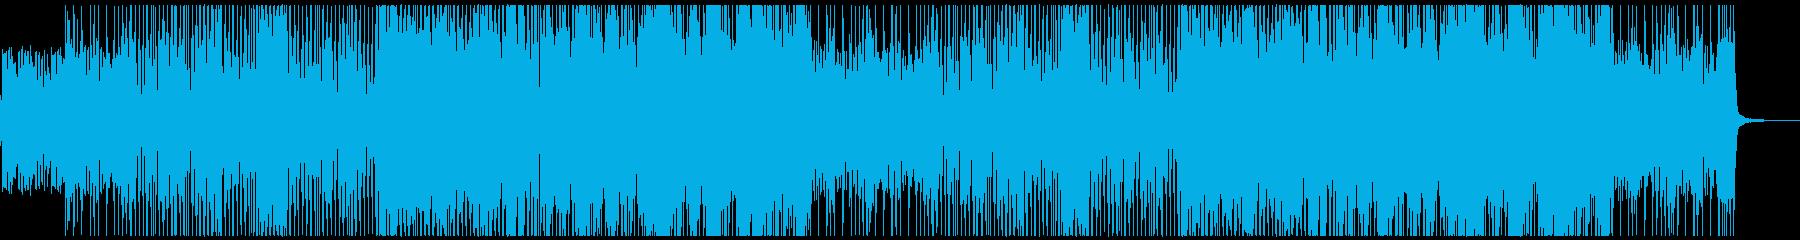 シリアスバトルなピアノジャズの再生済みの波形